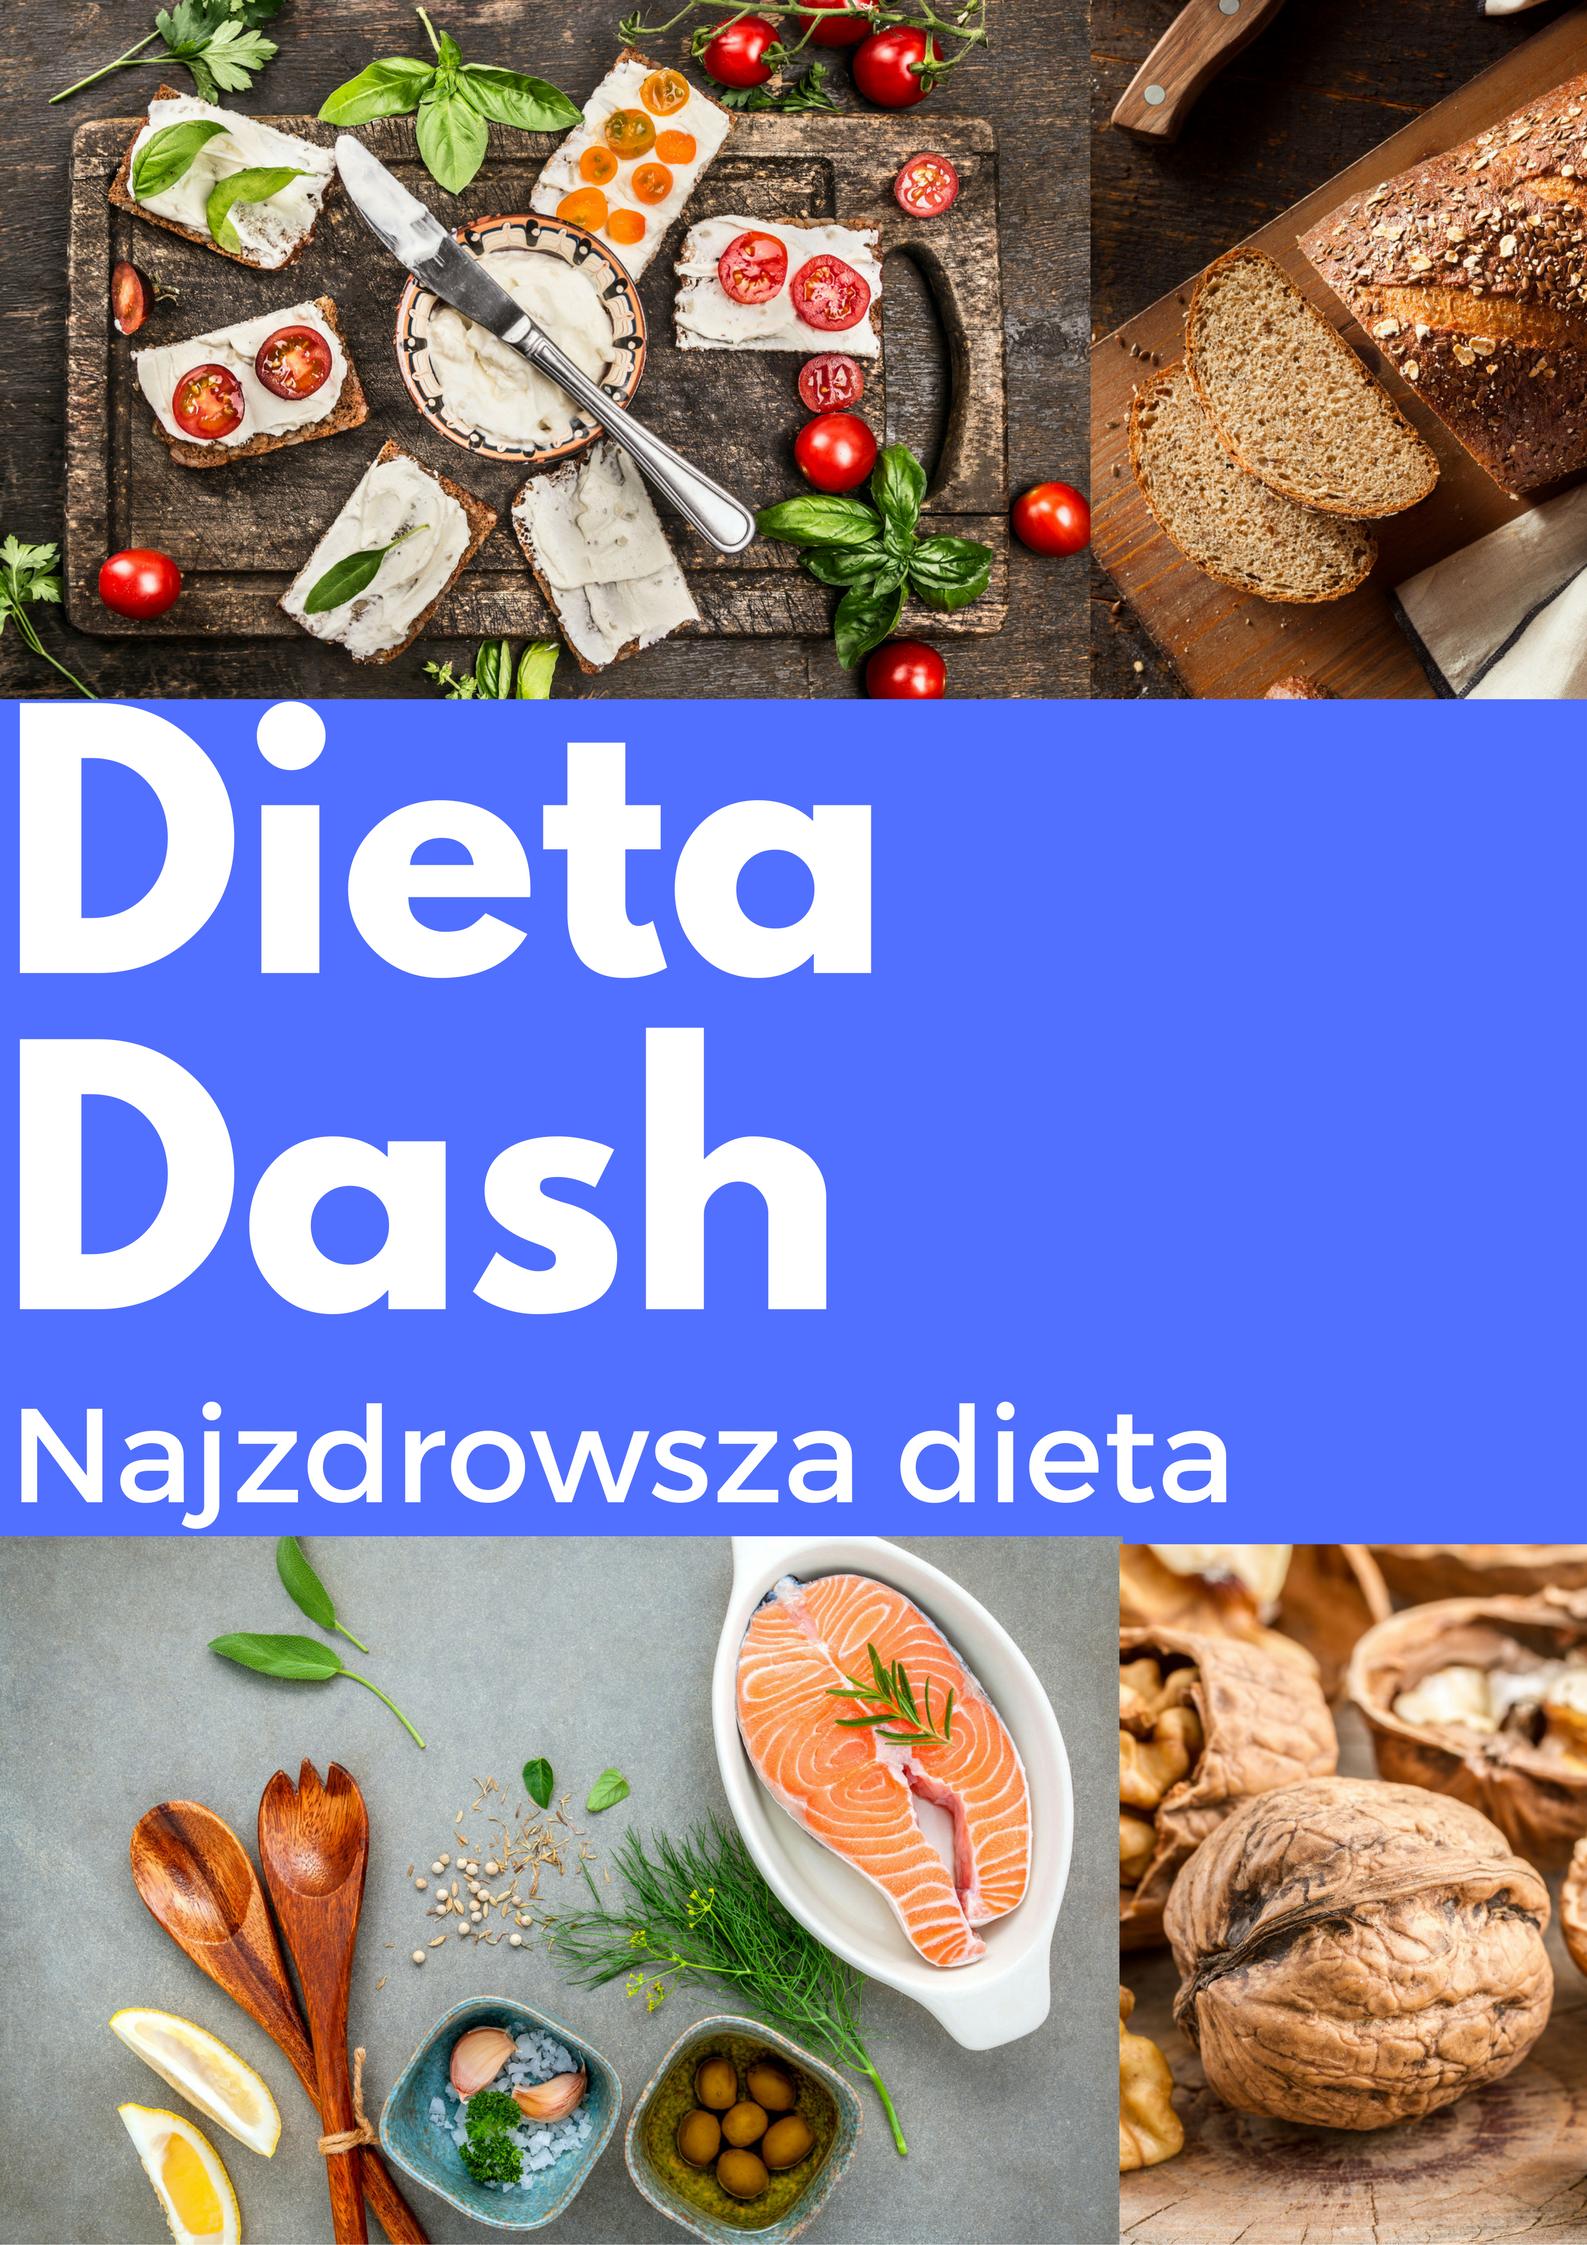 Najzdrowsza dieta świata - dieta DASH - Dieta, Diety..